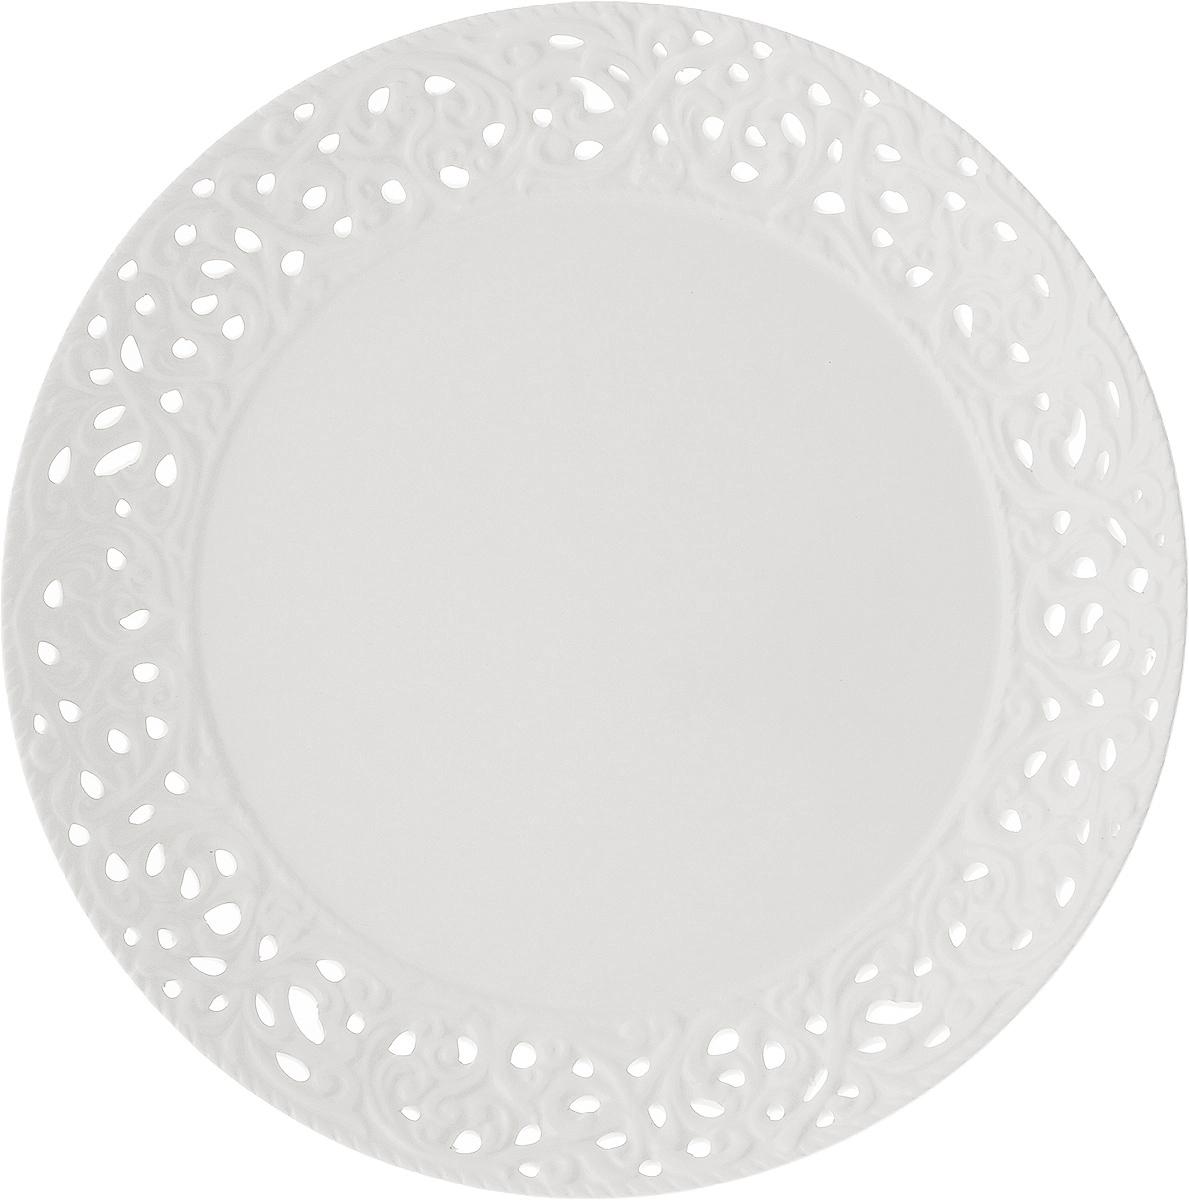 Блюдо Loraine Ажур, диаметр 30 см23804Блюдо Loraine Ажур, изготовленное из высококачественного доломита, украшено оригинальным ажурным узором. Стильная форма и интересное исполнение идеально впишутся в любой стиль, а универсальный белый цвет подойдет к любой мебели.Такое блюдо принесет новизну в вашу кухню и приятно порадует глаз.Диаметр (по верхнему краю): 30 см.Высота: 4 см.